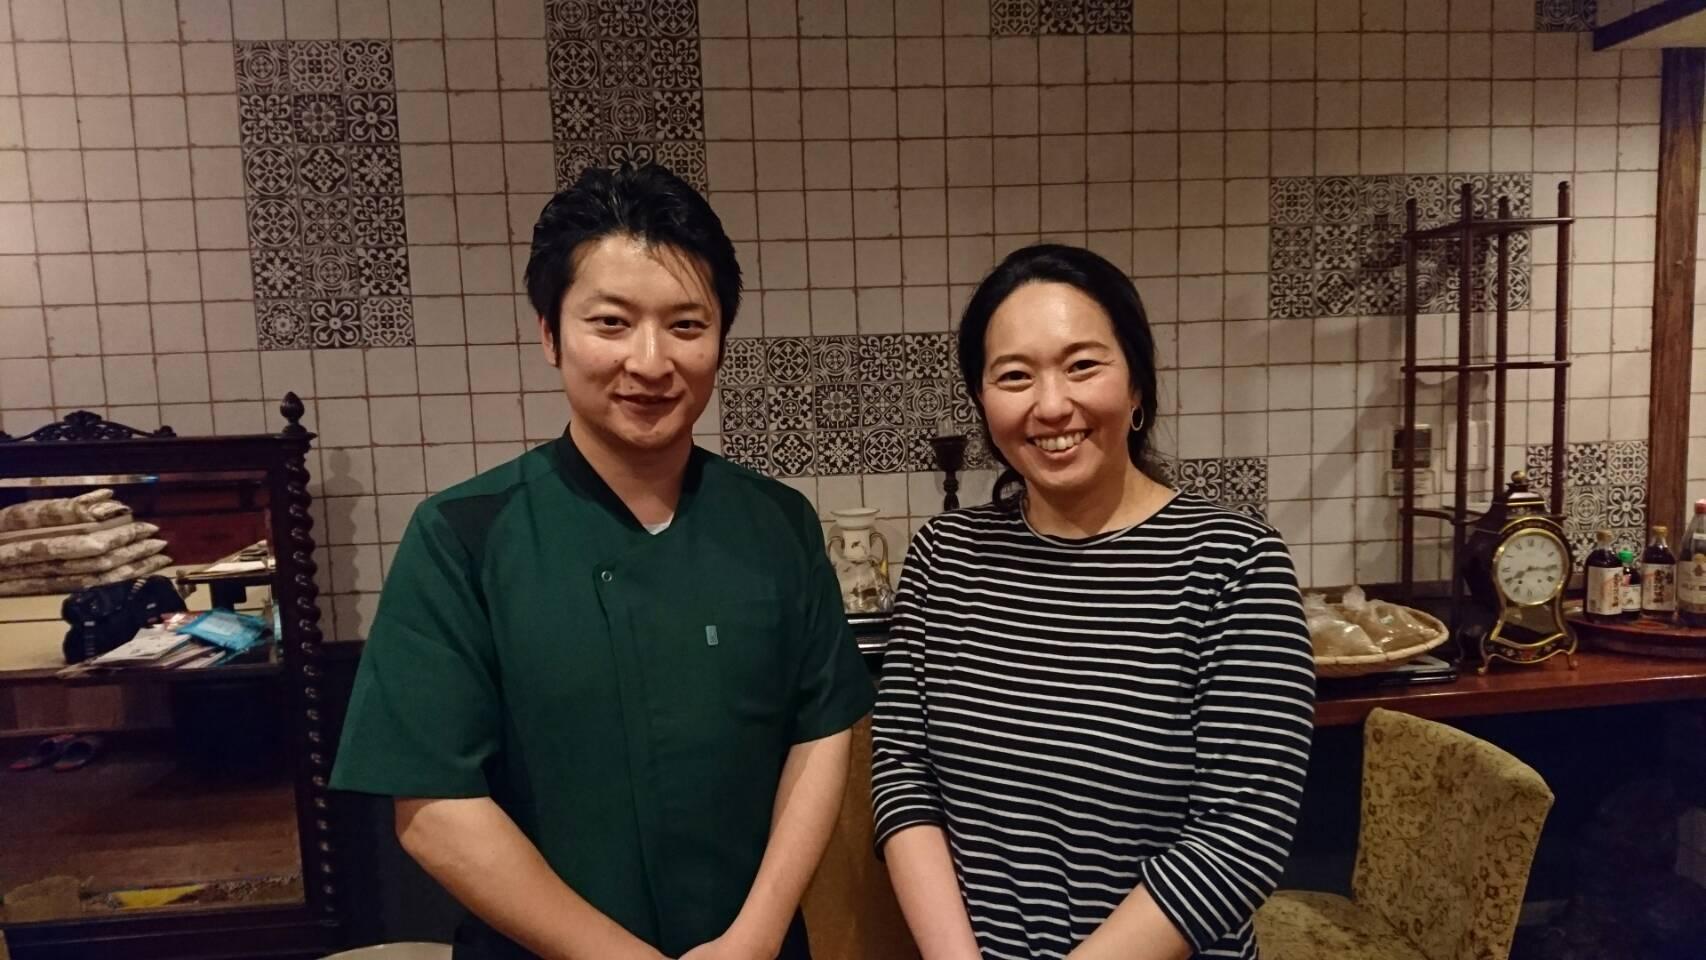 小野(左)とモクサアフリカの理事である伊田屋先生(右)